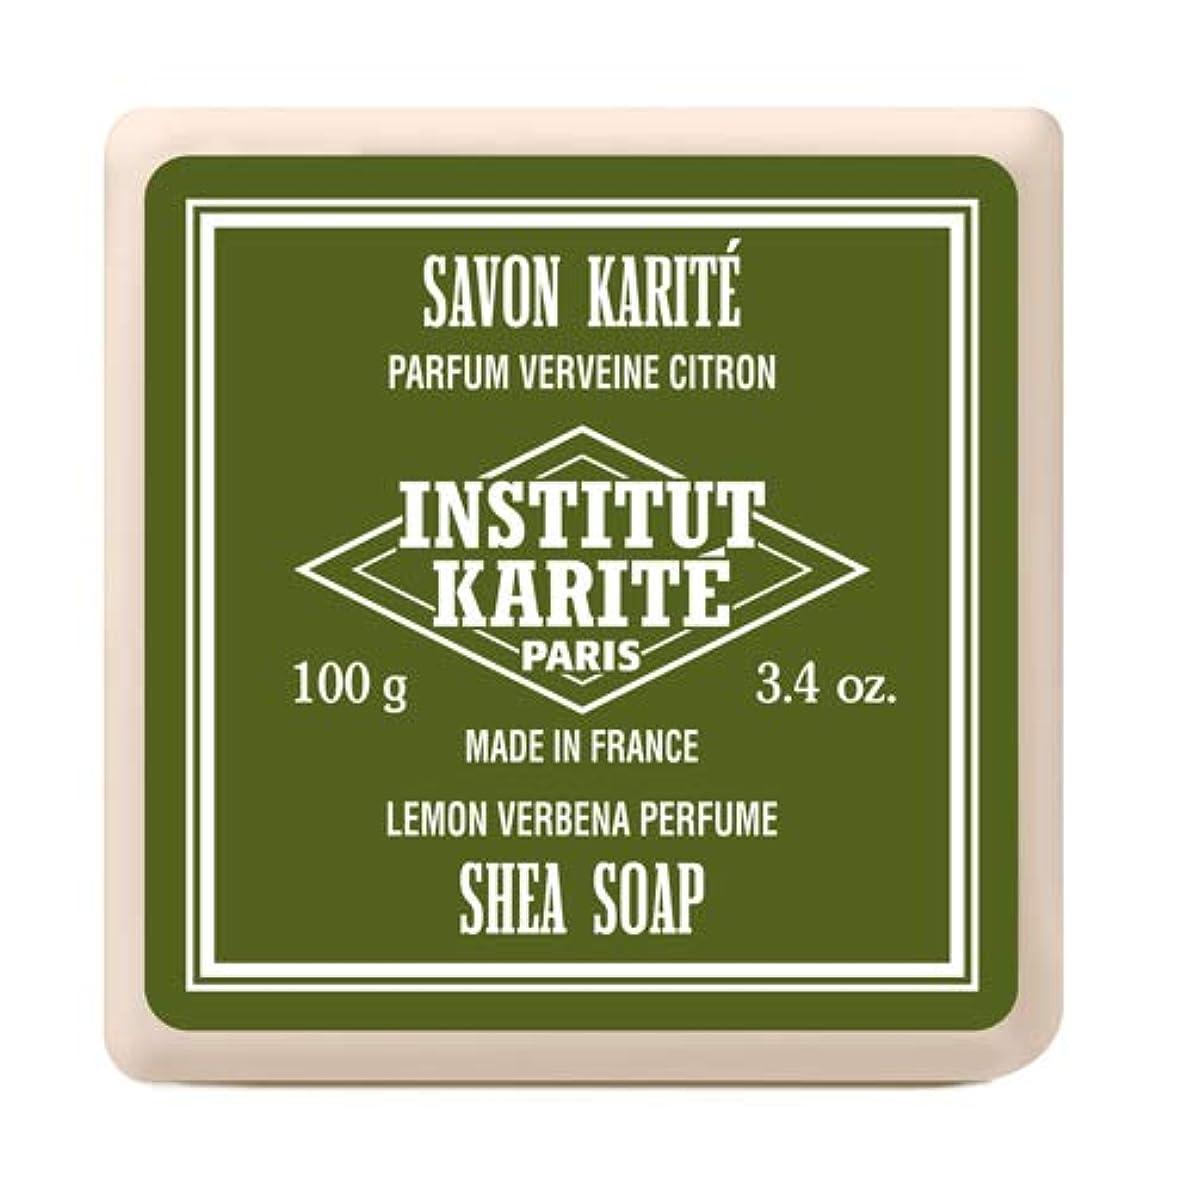 暴動適応泥沼インスティテュート?カリテ(INSTITUT KARITE) INSTITUT KARITE インスティテュート カリテ Shea Wrapped Soap シアソープ 100g Lemon Vervena レモンバーベナ